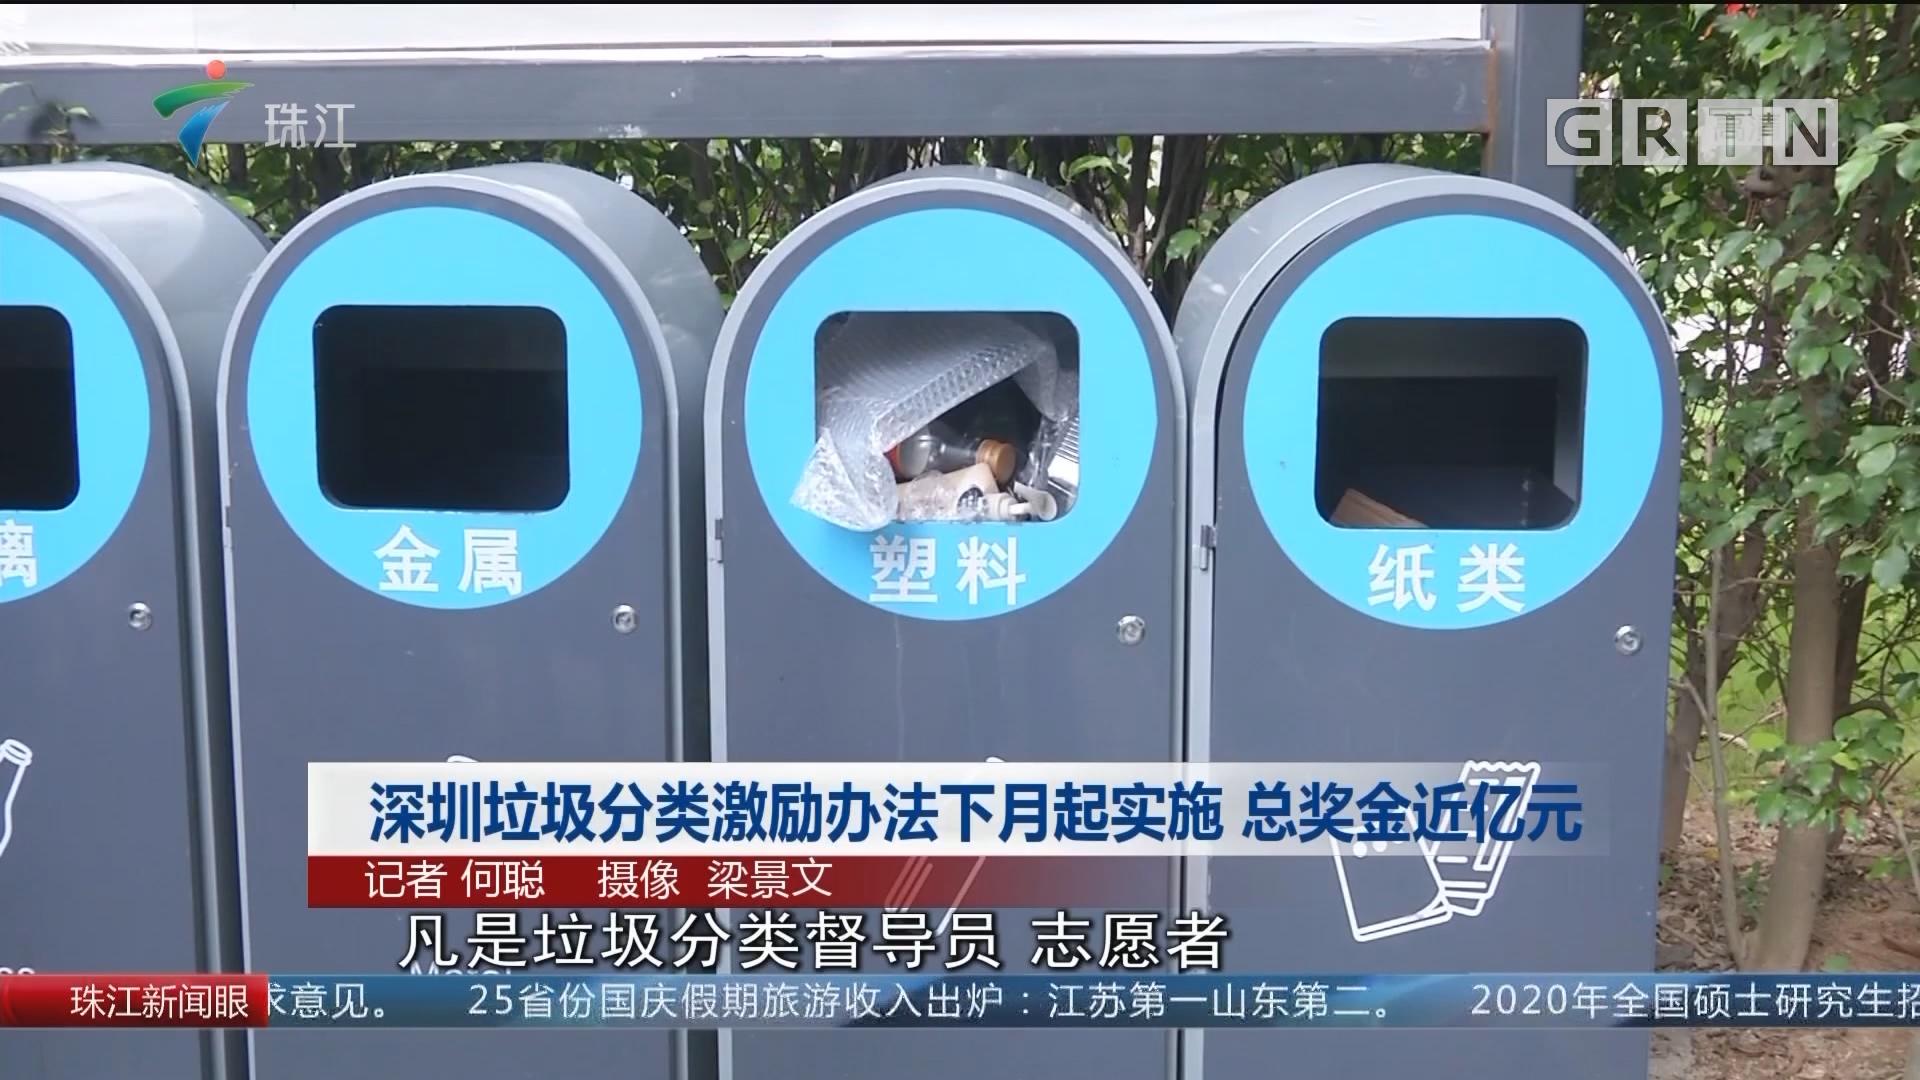 深圳垃圾分类激励办法下月起实施 总奖金近亿元